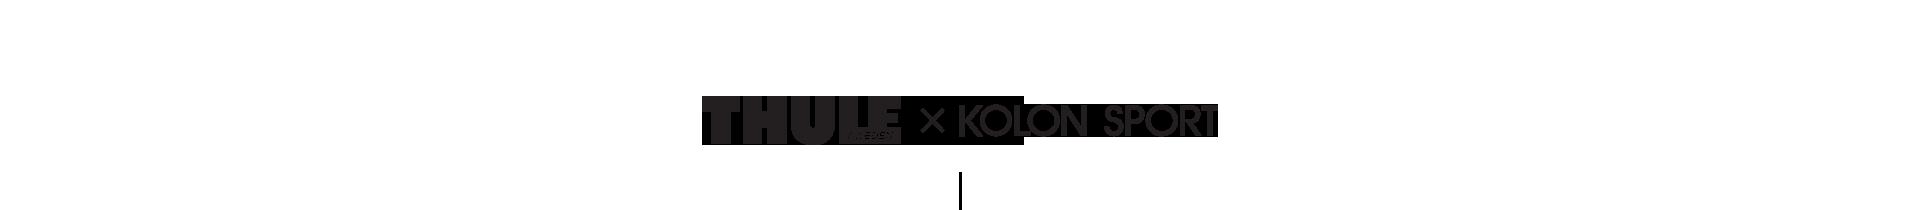 THULE(SWEDEN) X KOLON SPORT